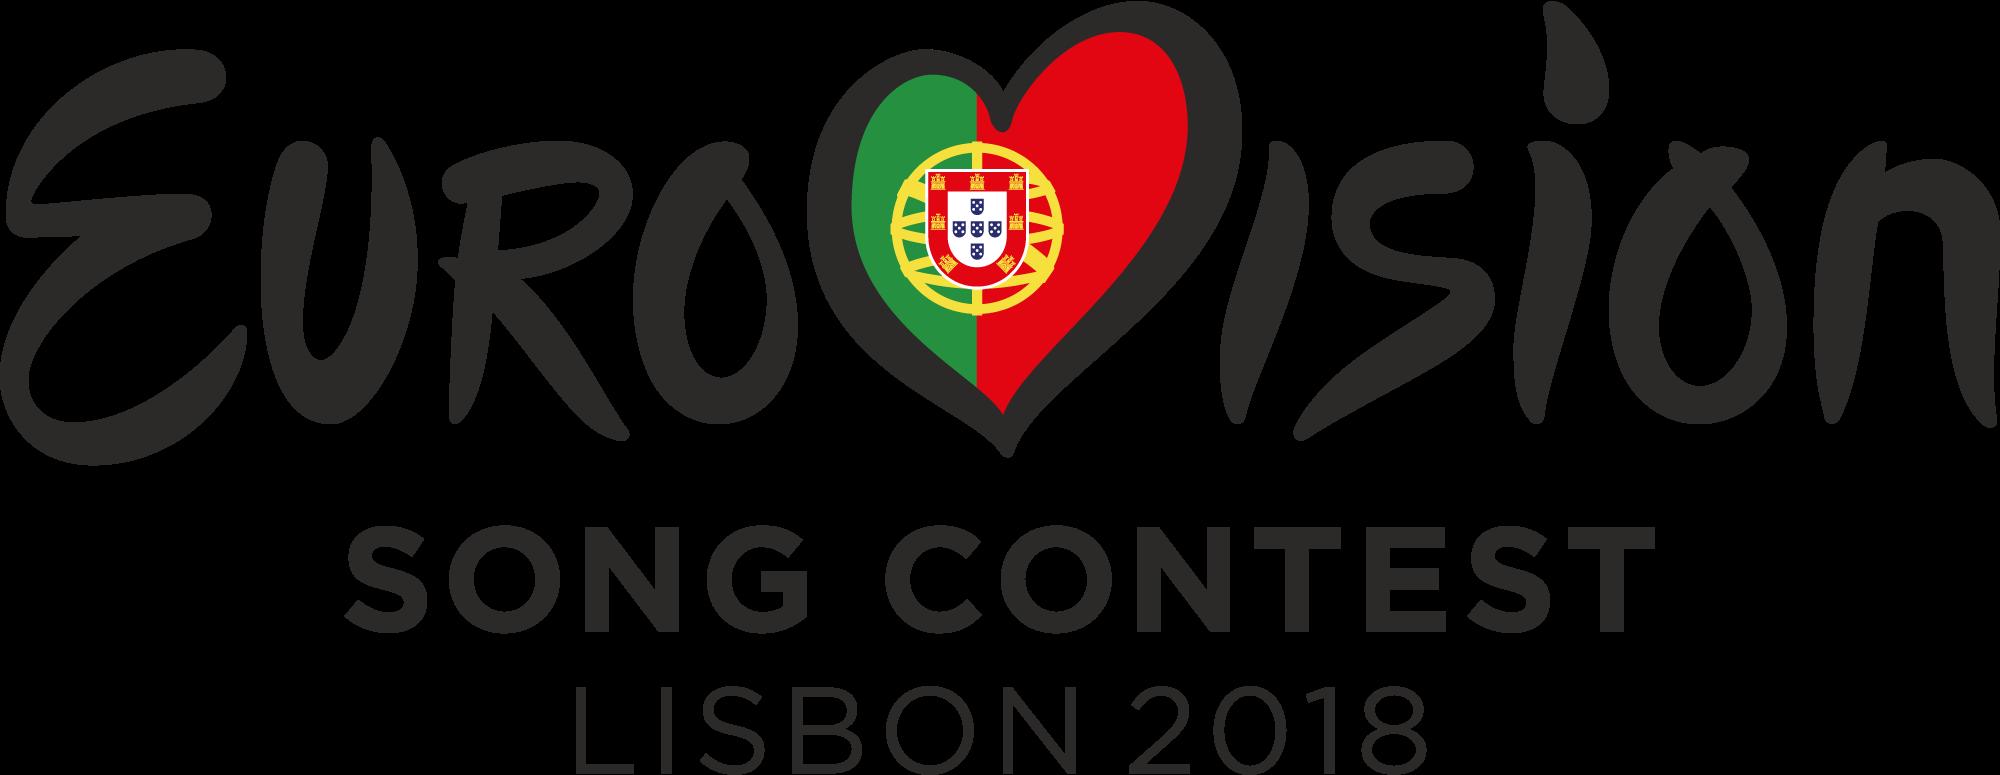 Festival Eurovisao Da Cancao Eurovision Lisbon 2018 Conheça Os Artistas Que Vão Atuar Na Final Do Festival Eurovisão Da Canção